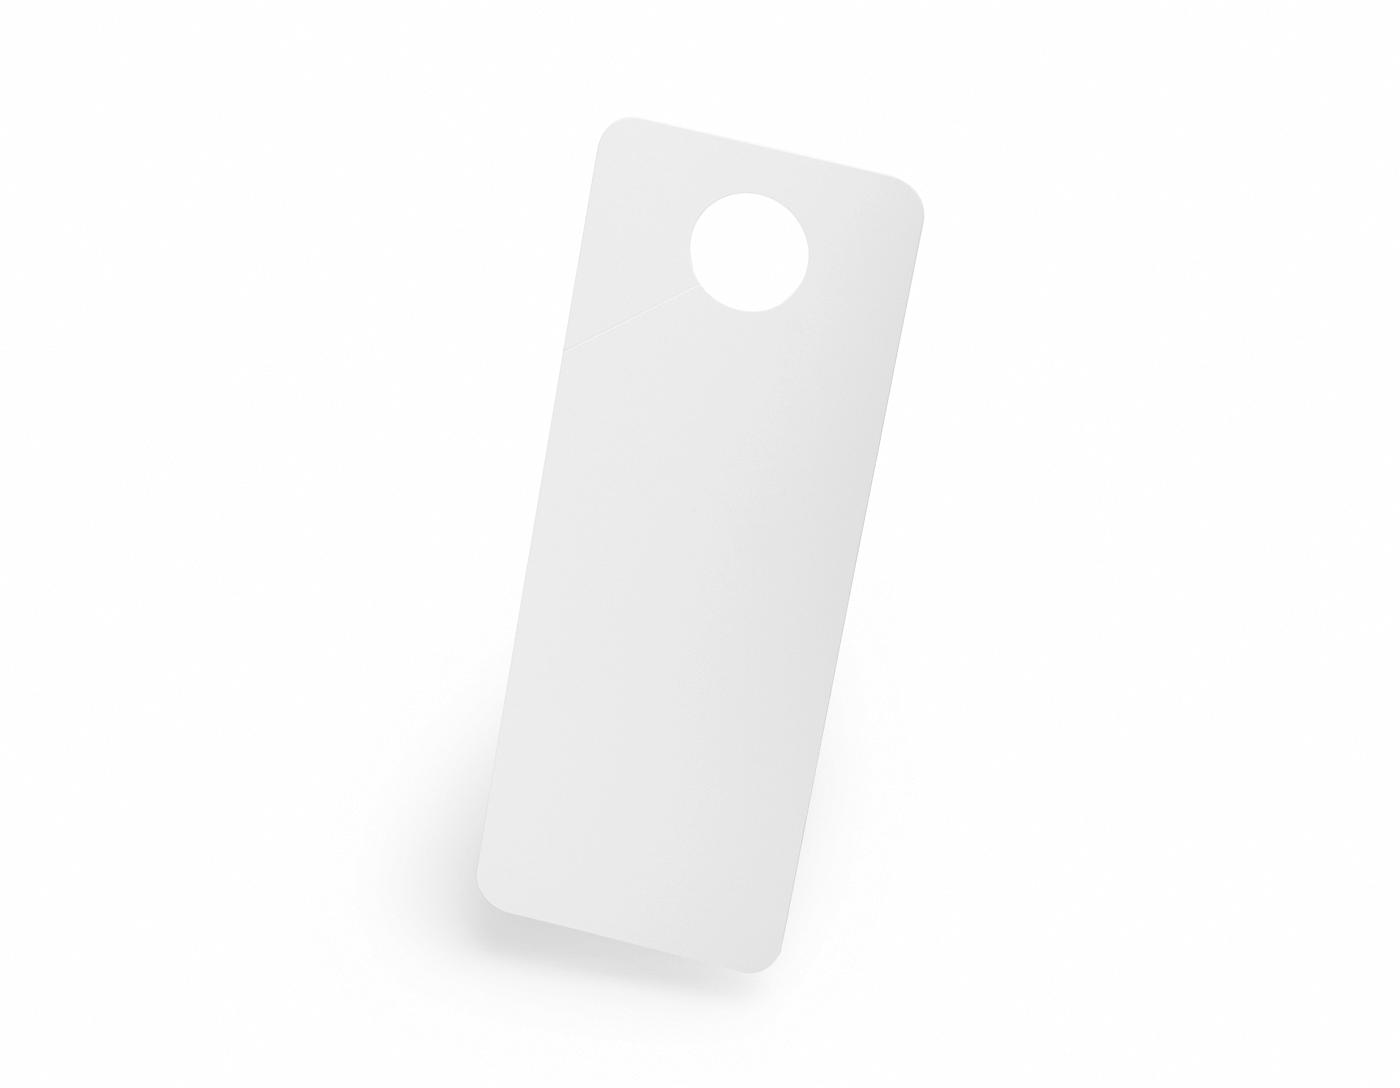 Blanks/USA Door Hanger